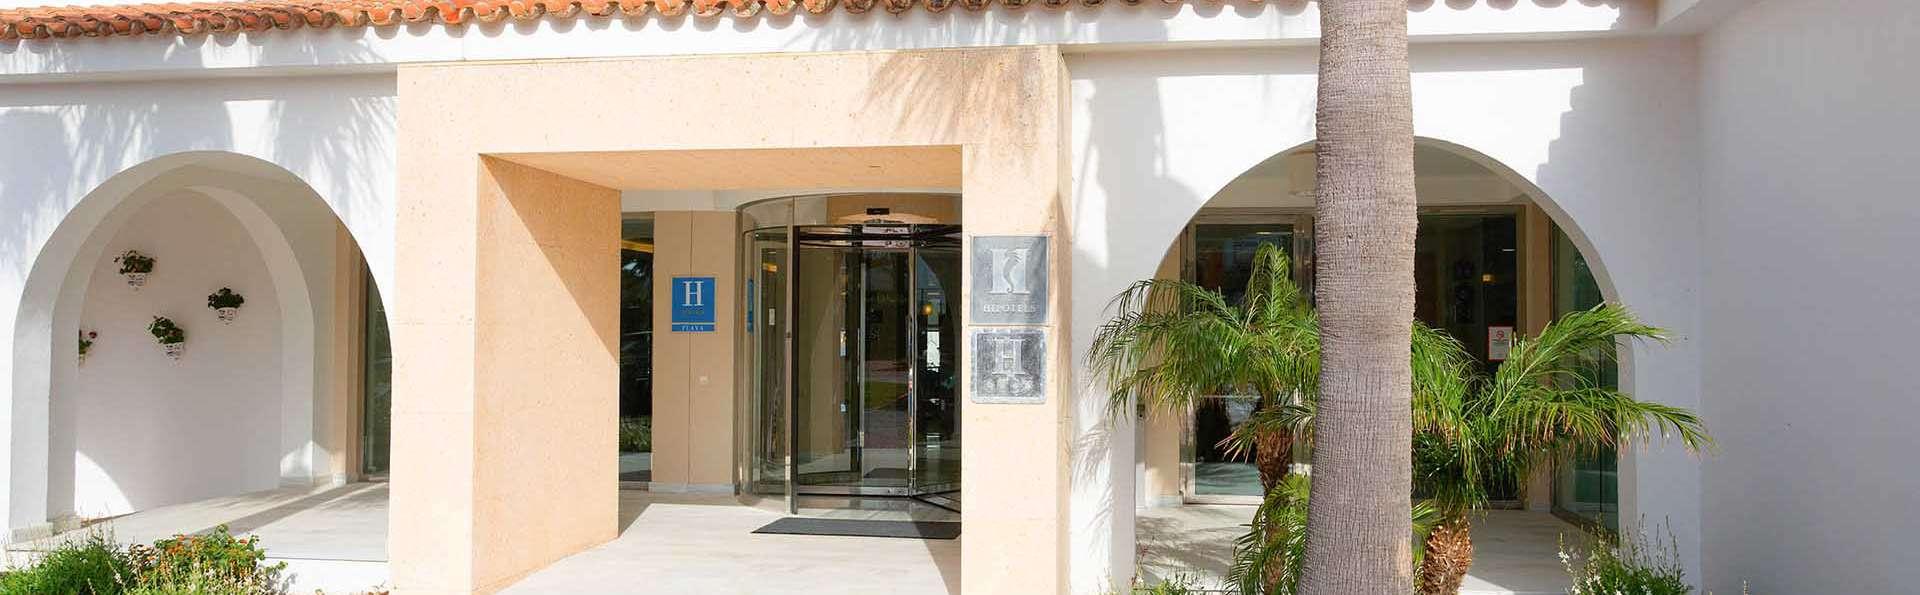 Hipotels Flamenco Conil - EDIT_Hipotels_Flamenco_Conil_entrance_01.jpg